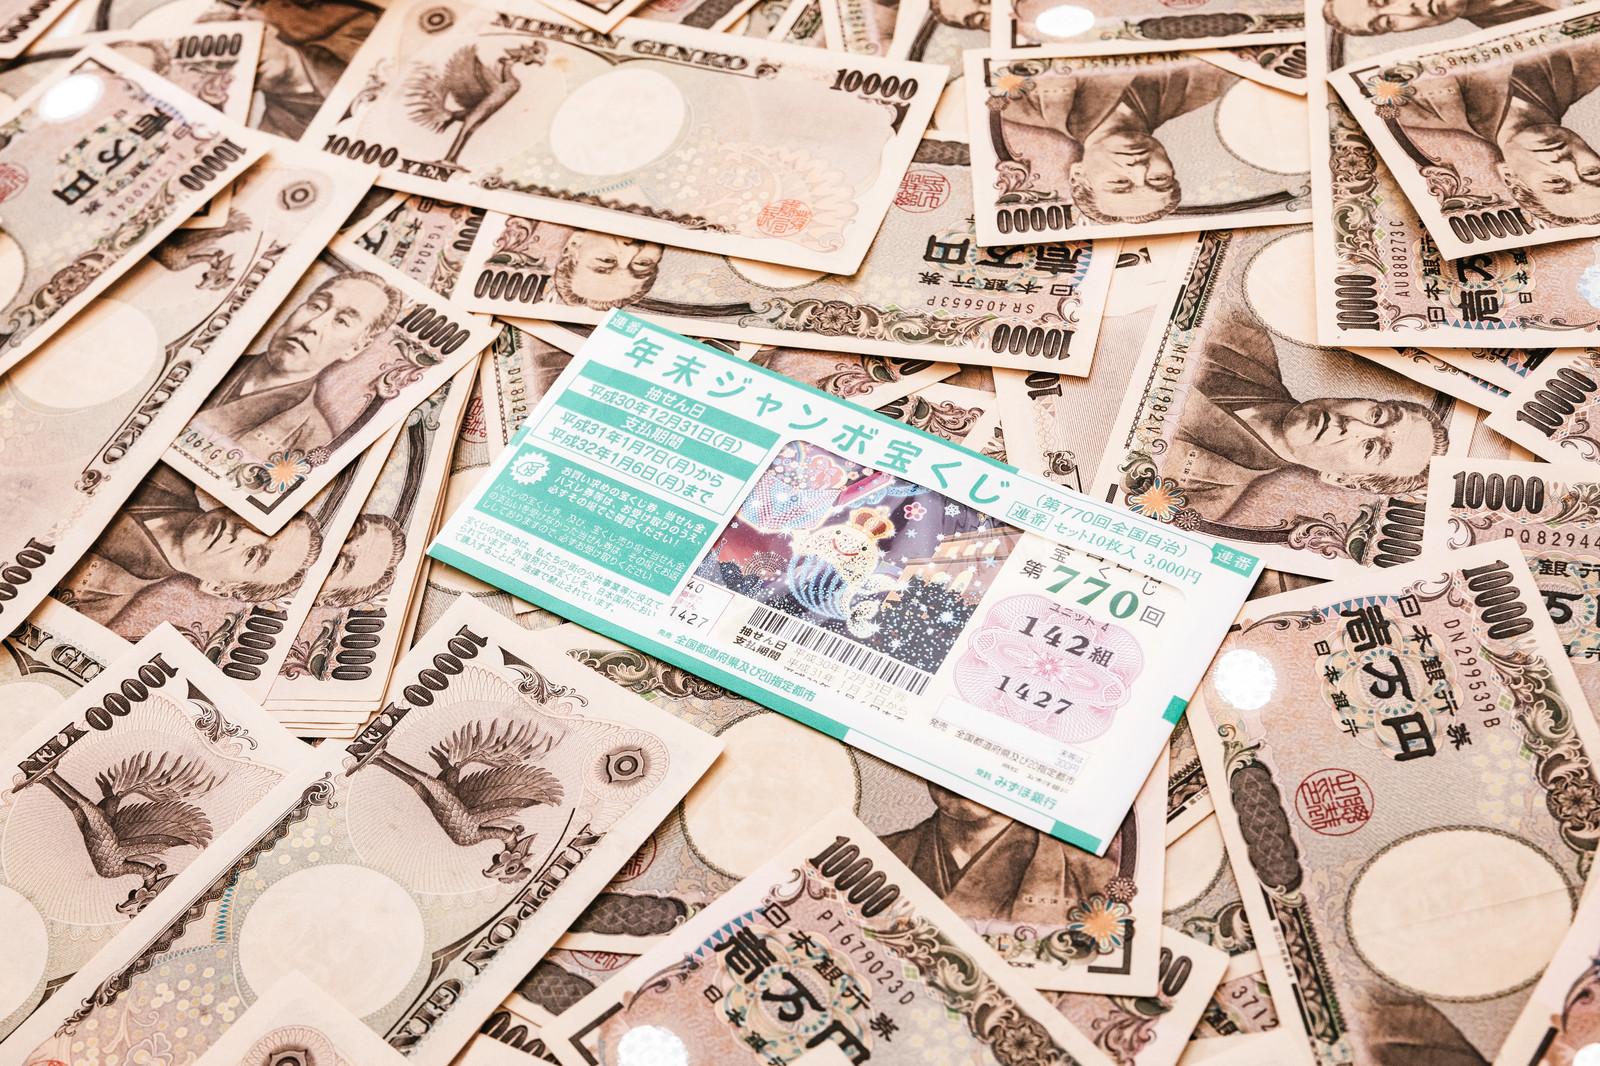 宝くじ 税金 引かれる いくらから 競馬 競艇 対象 脇田みき 税理士 住民税